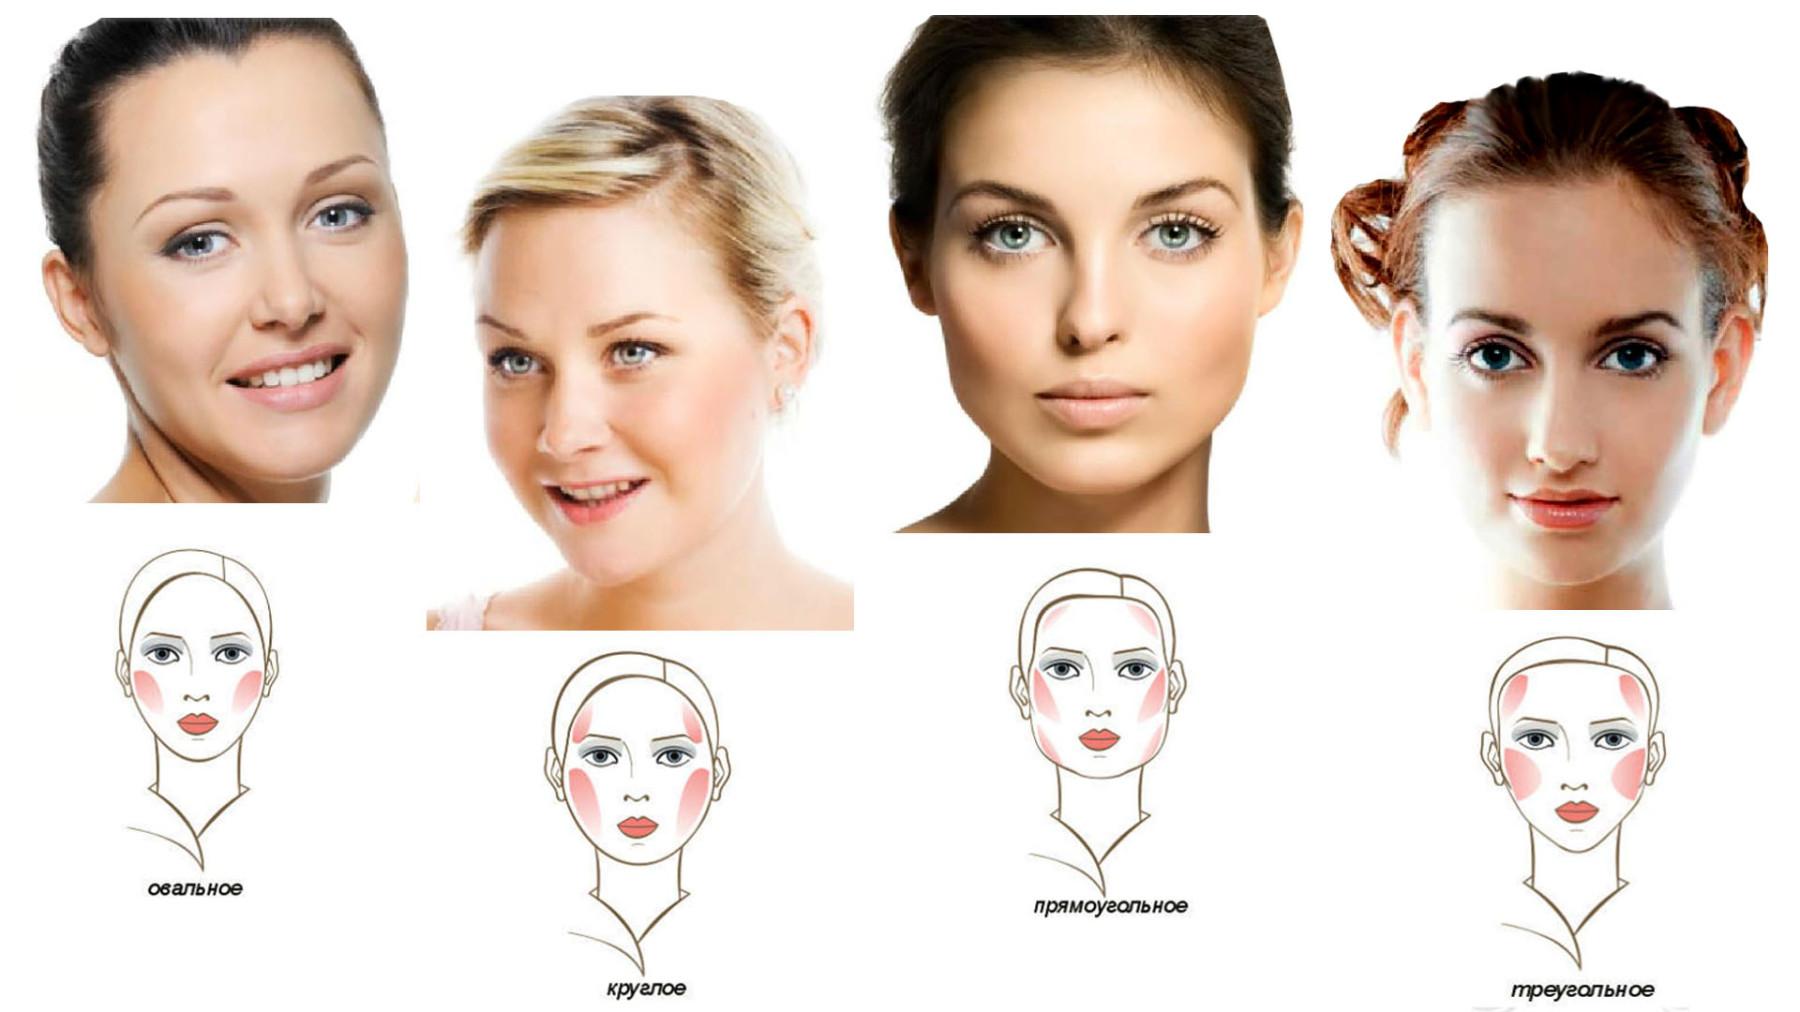 Подобрать своему лицу правильный макияж i